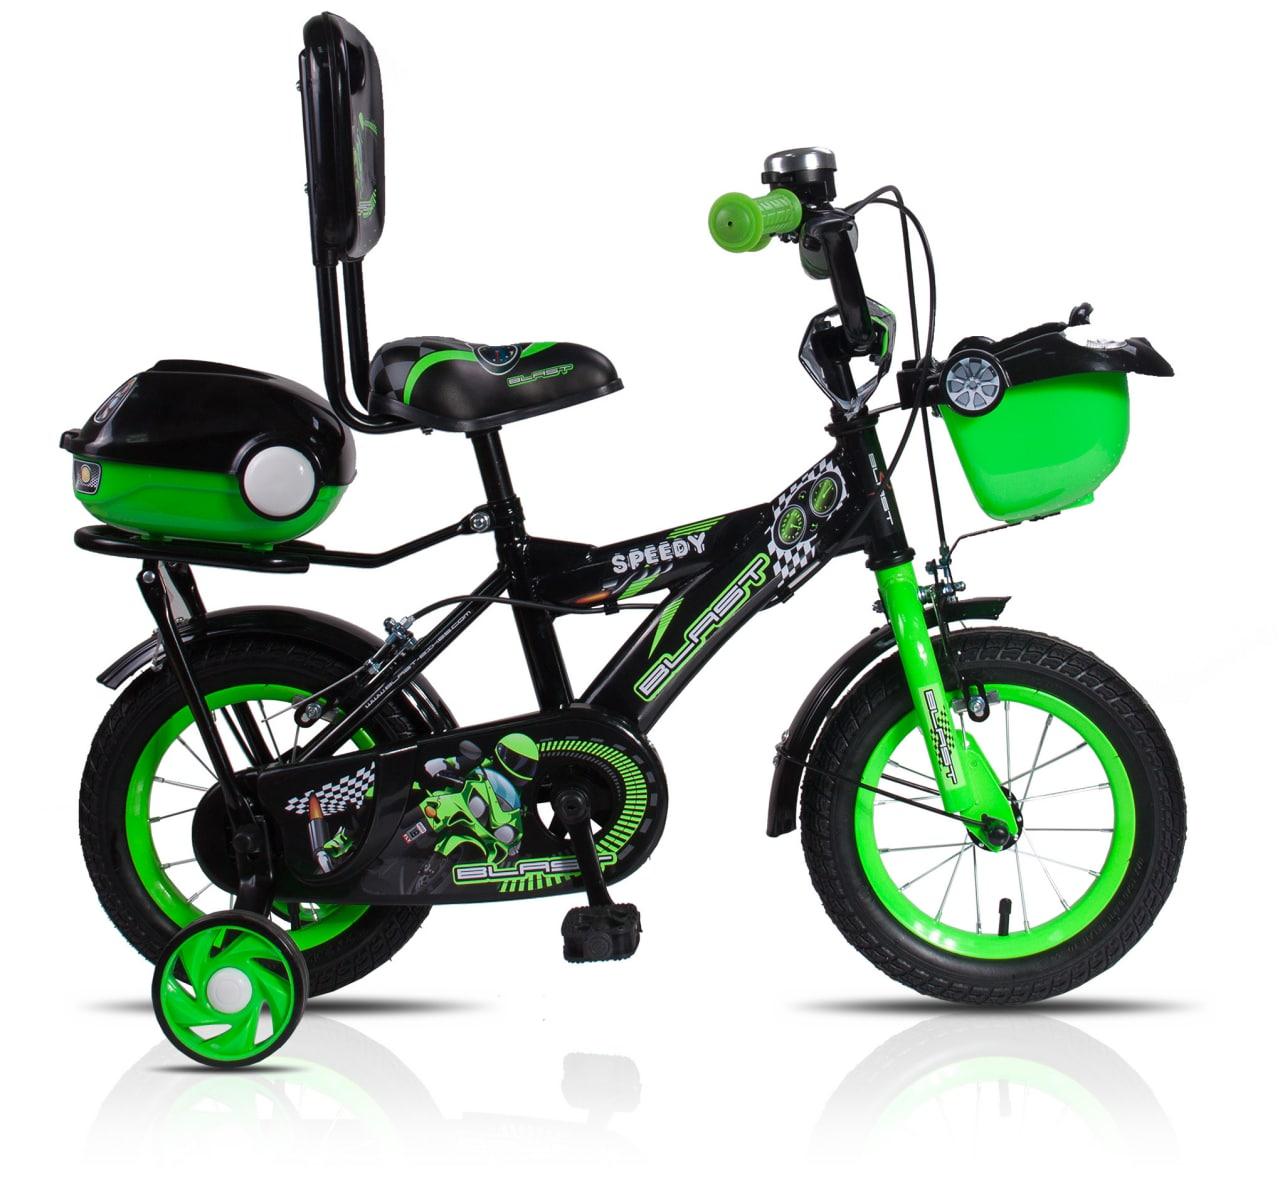 دوچرخه کودک مدل speedy سایز ۱۲